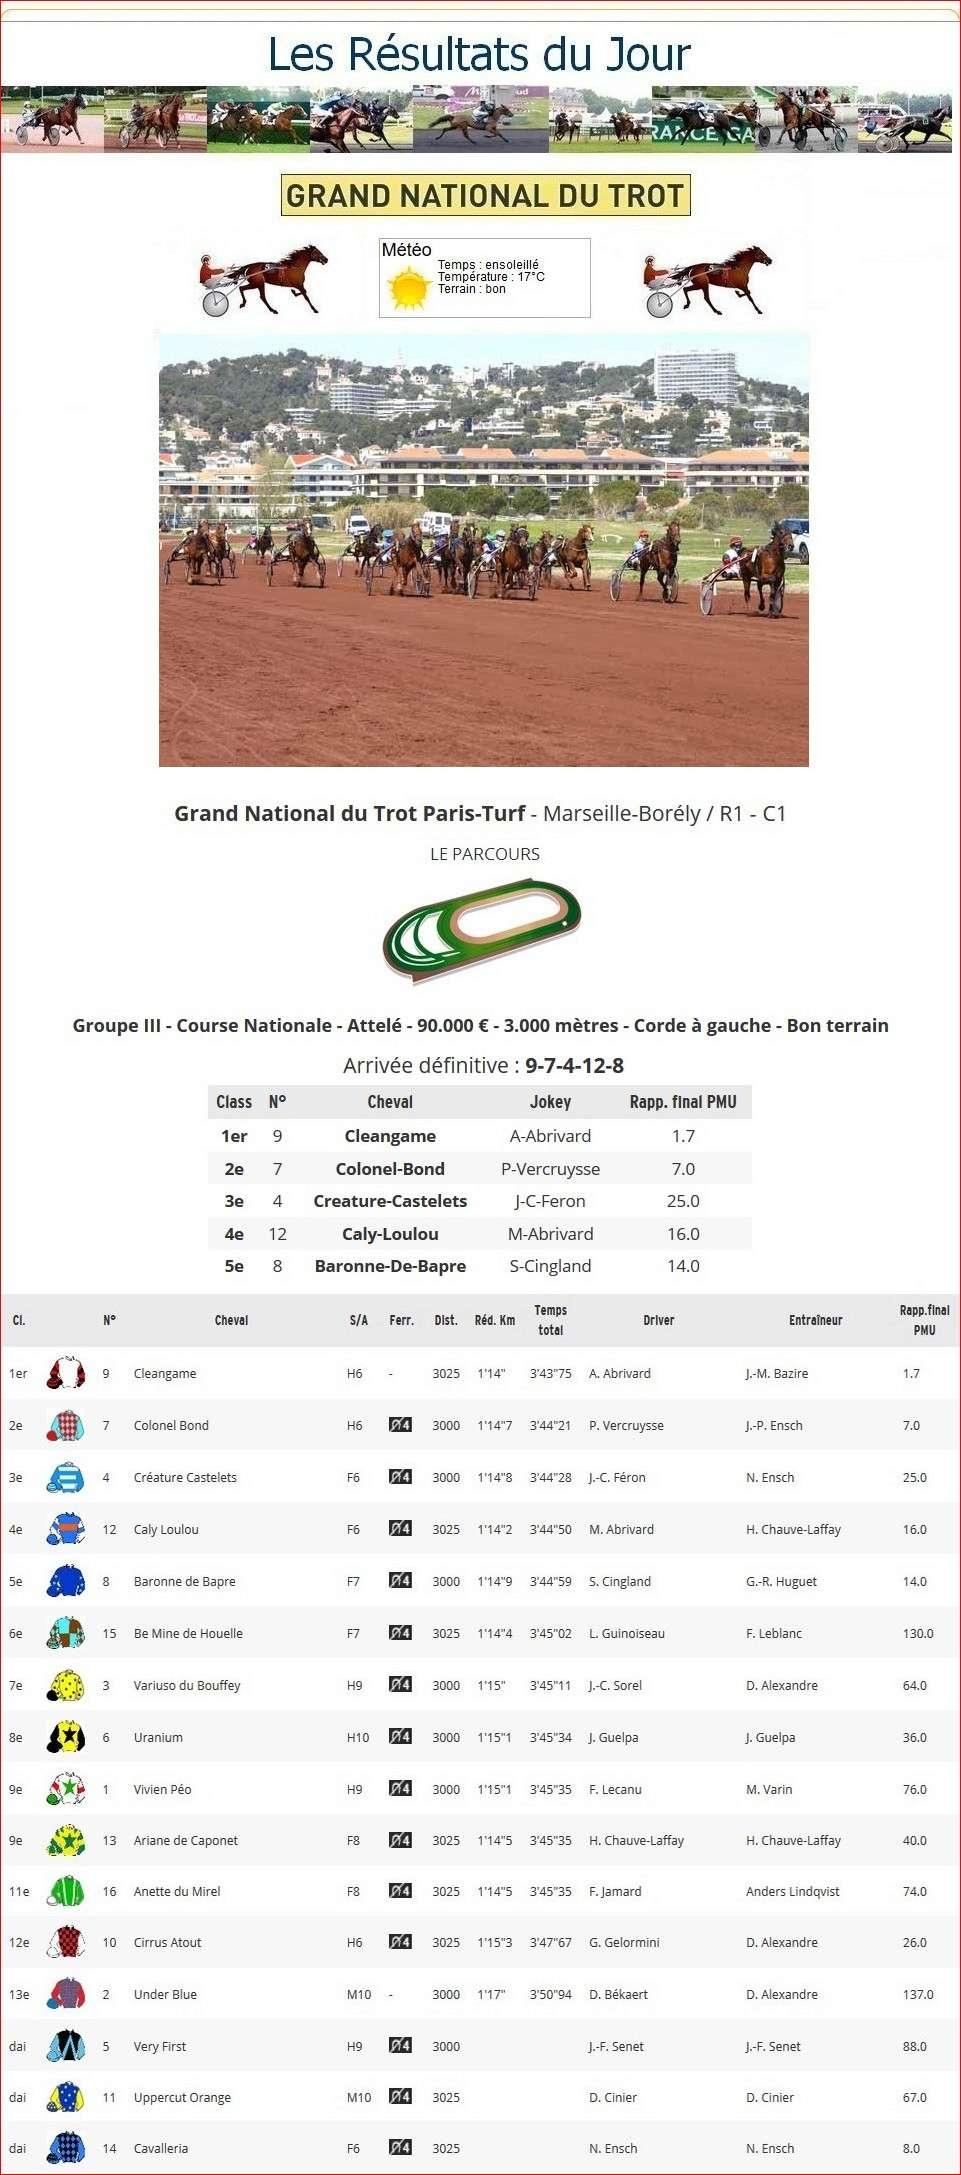 Résultats G.N.T. / 28 mars 2018 / 2ème Étape / Marseil-Borél 1_p-t_89